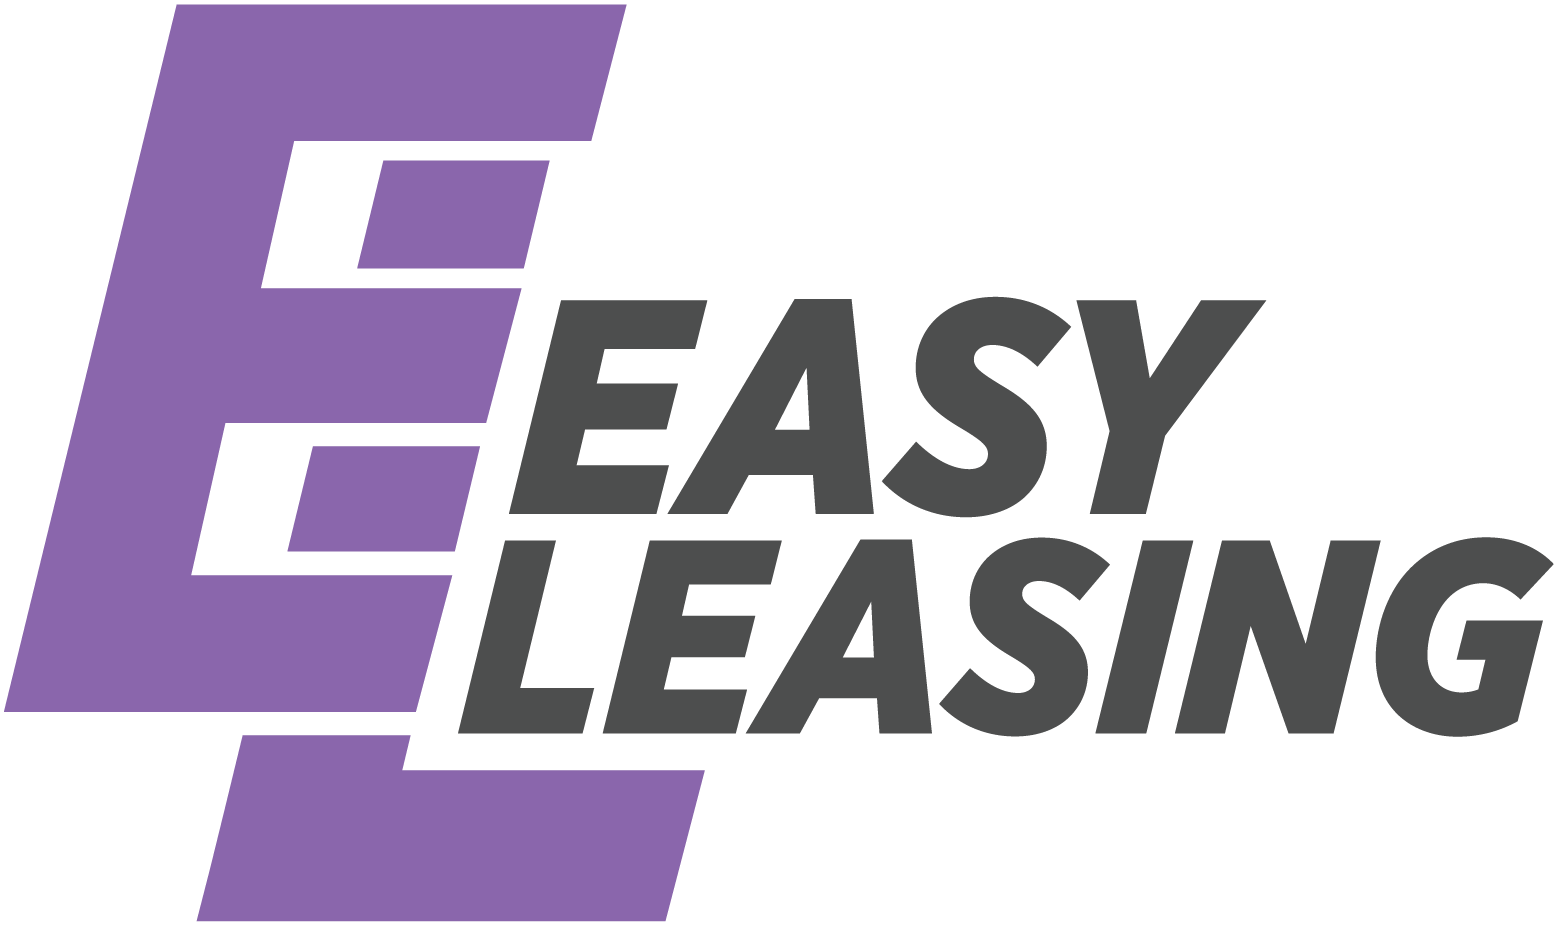 Easy Leasing